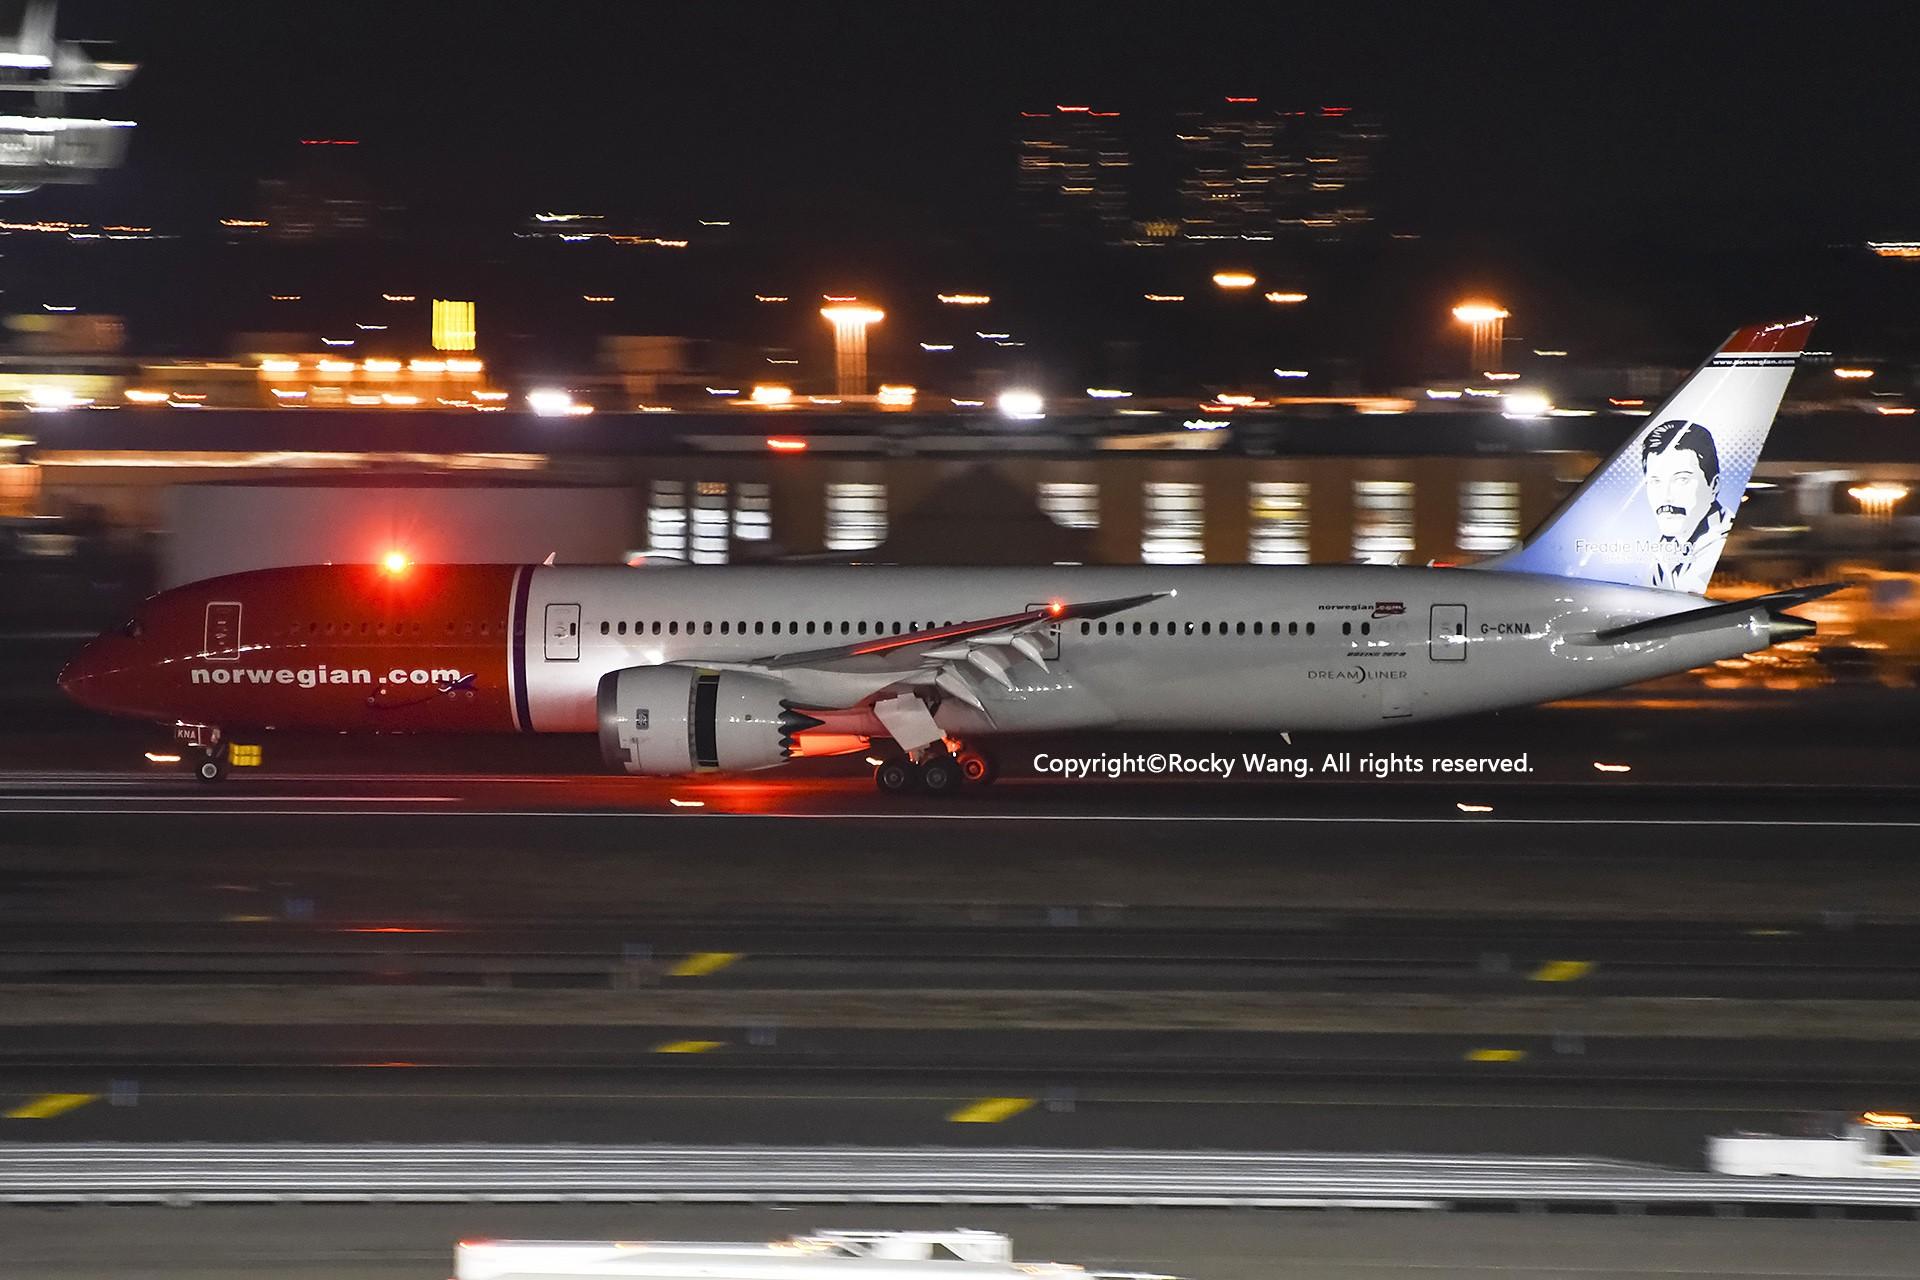 Re:[原创]KJFK 30图 BOEING 787-9 DREAMLINER G-CKNA New York John F. Kennedy Int'l Airport